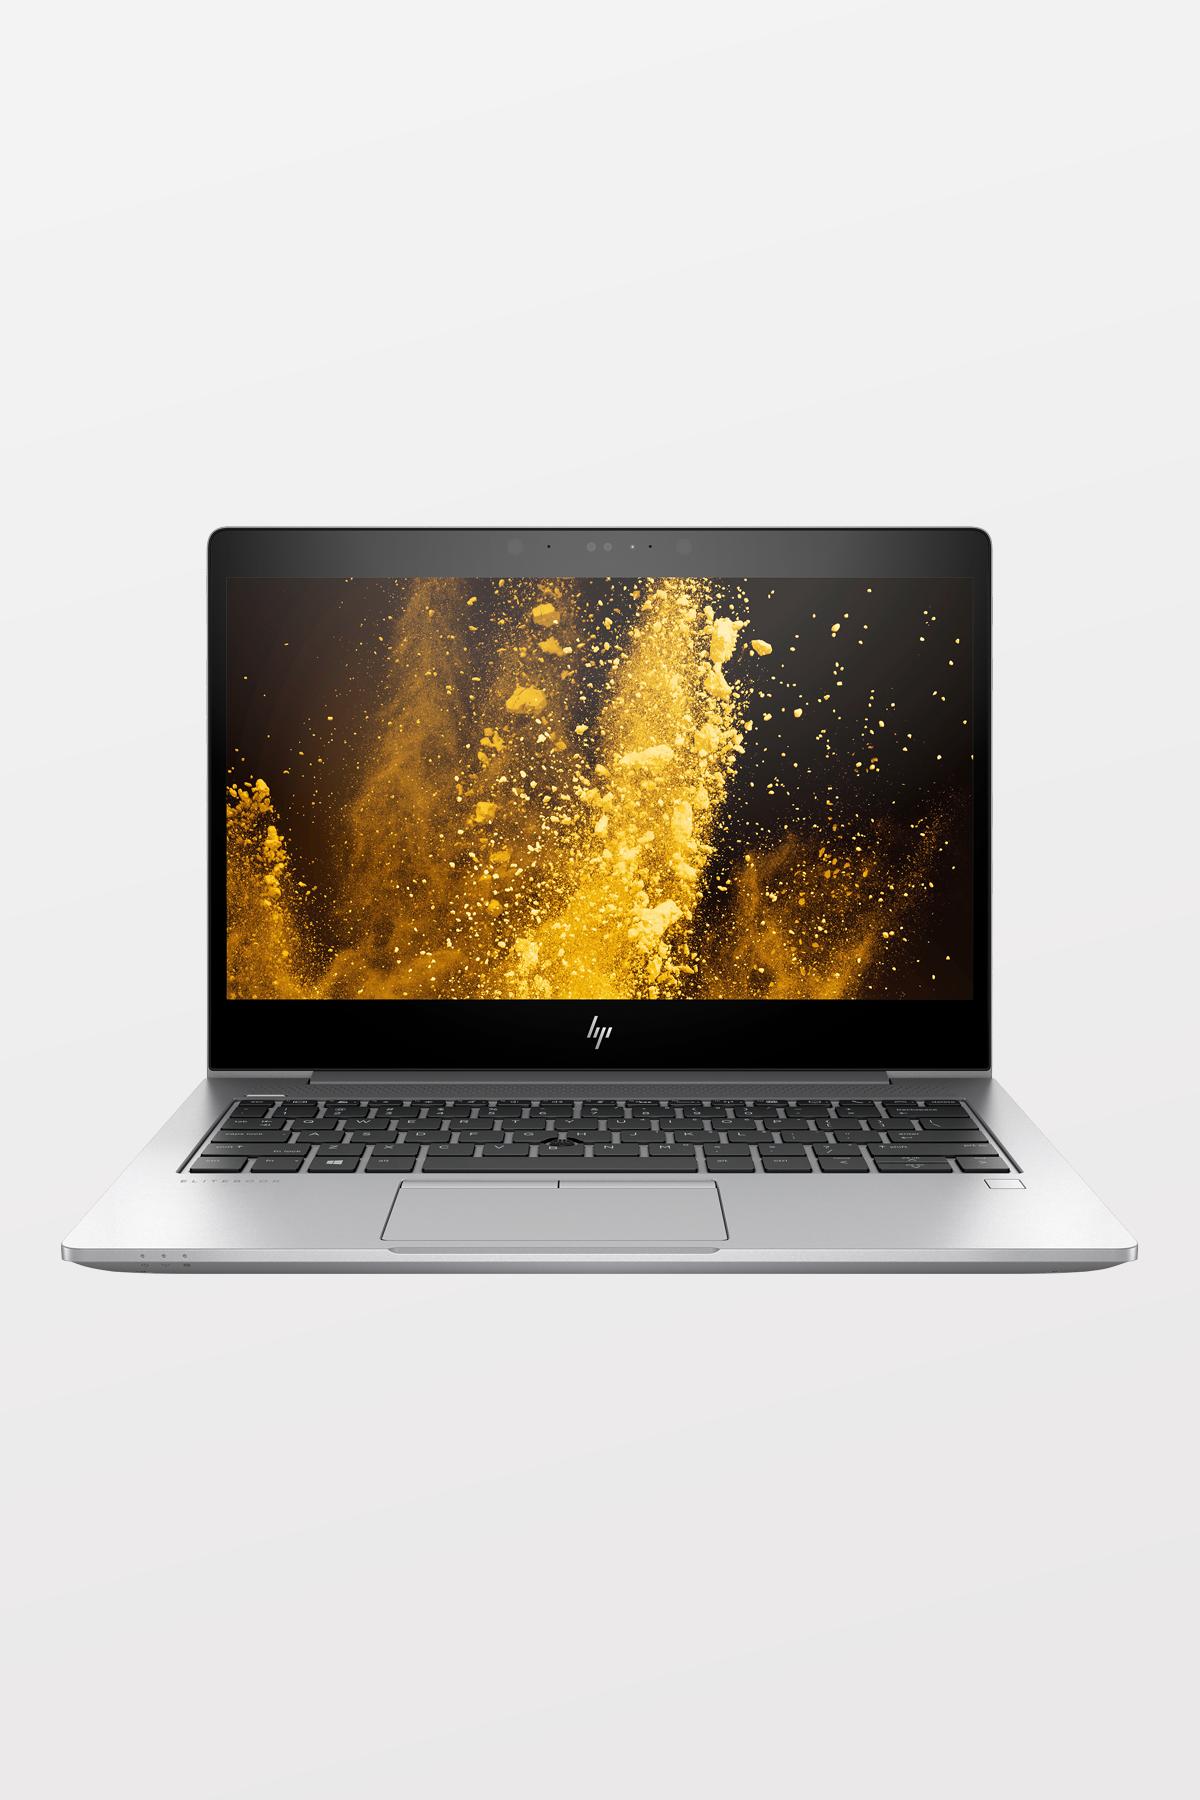 """HP - Elitebook 830 G5 13.3"""", FHD, I5-8250, 8Gb, 256Gb SSD, W10P 64, 3/3/3 Warranty"""